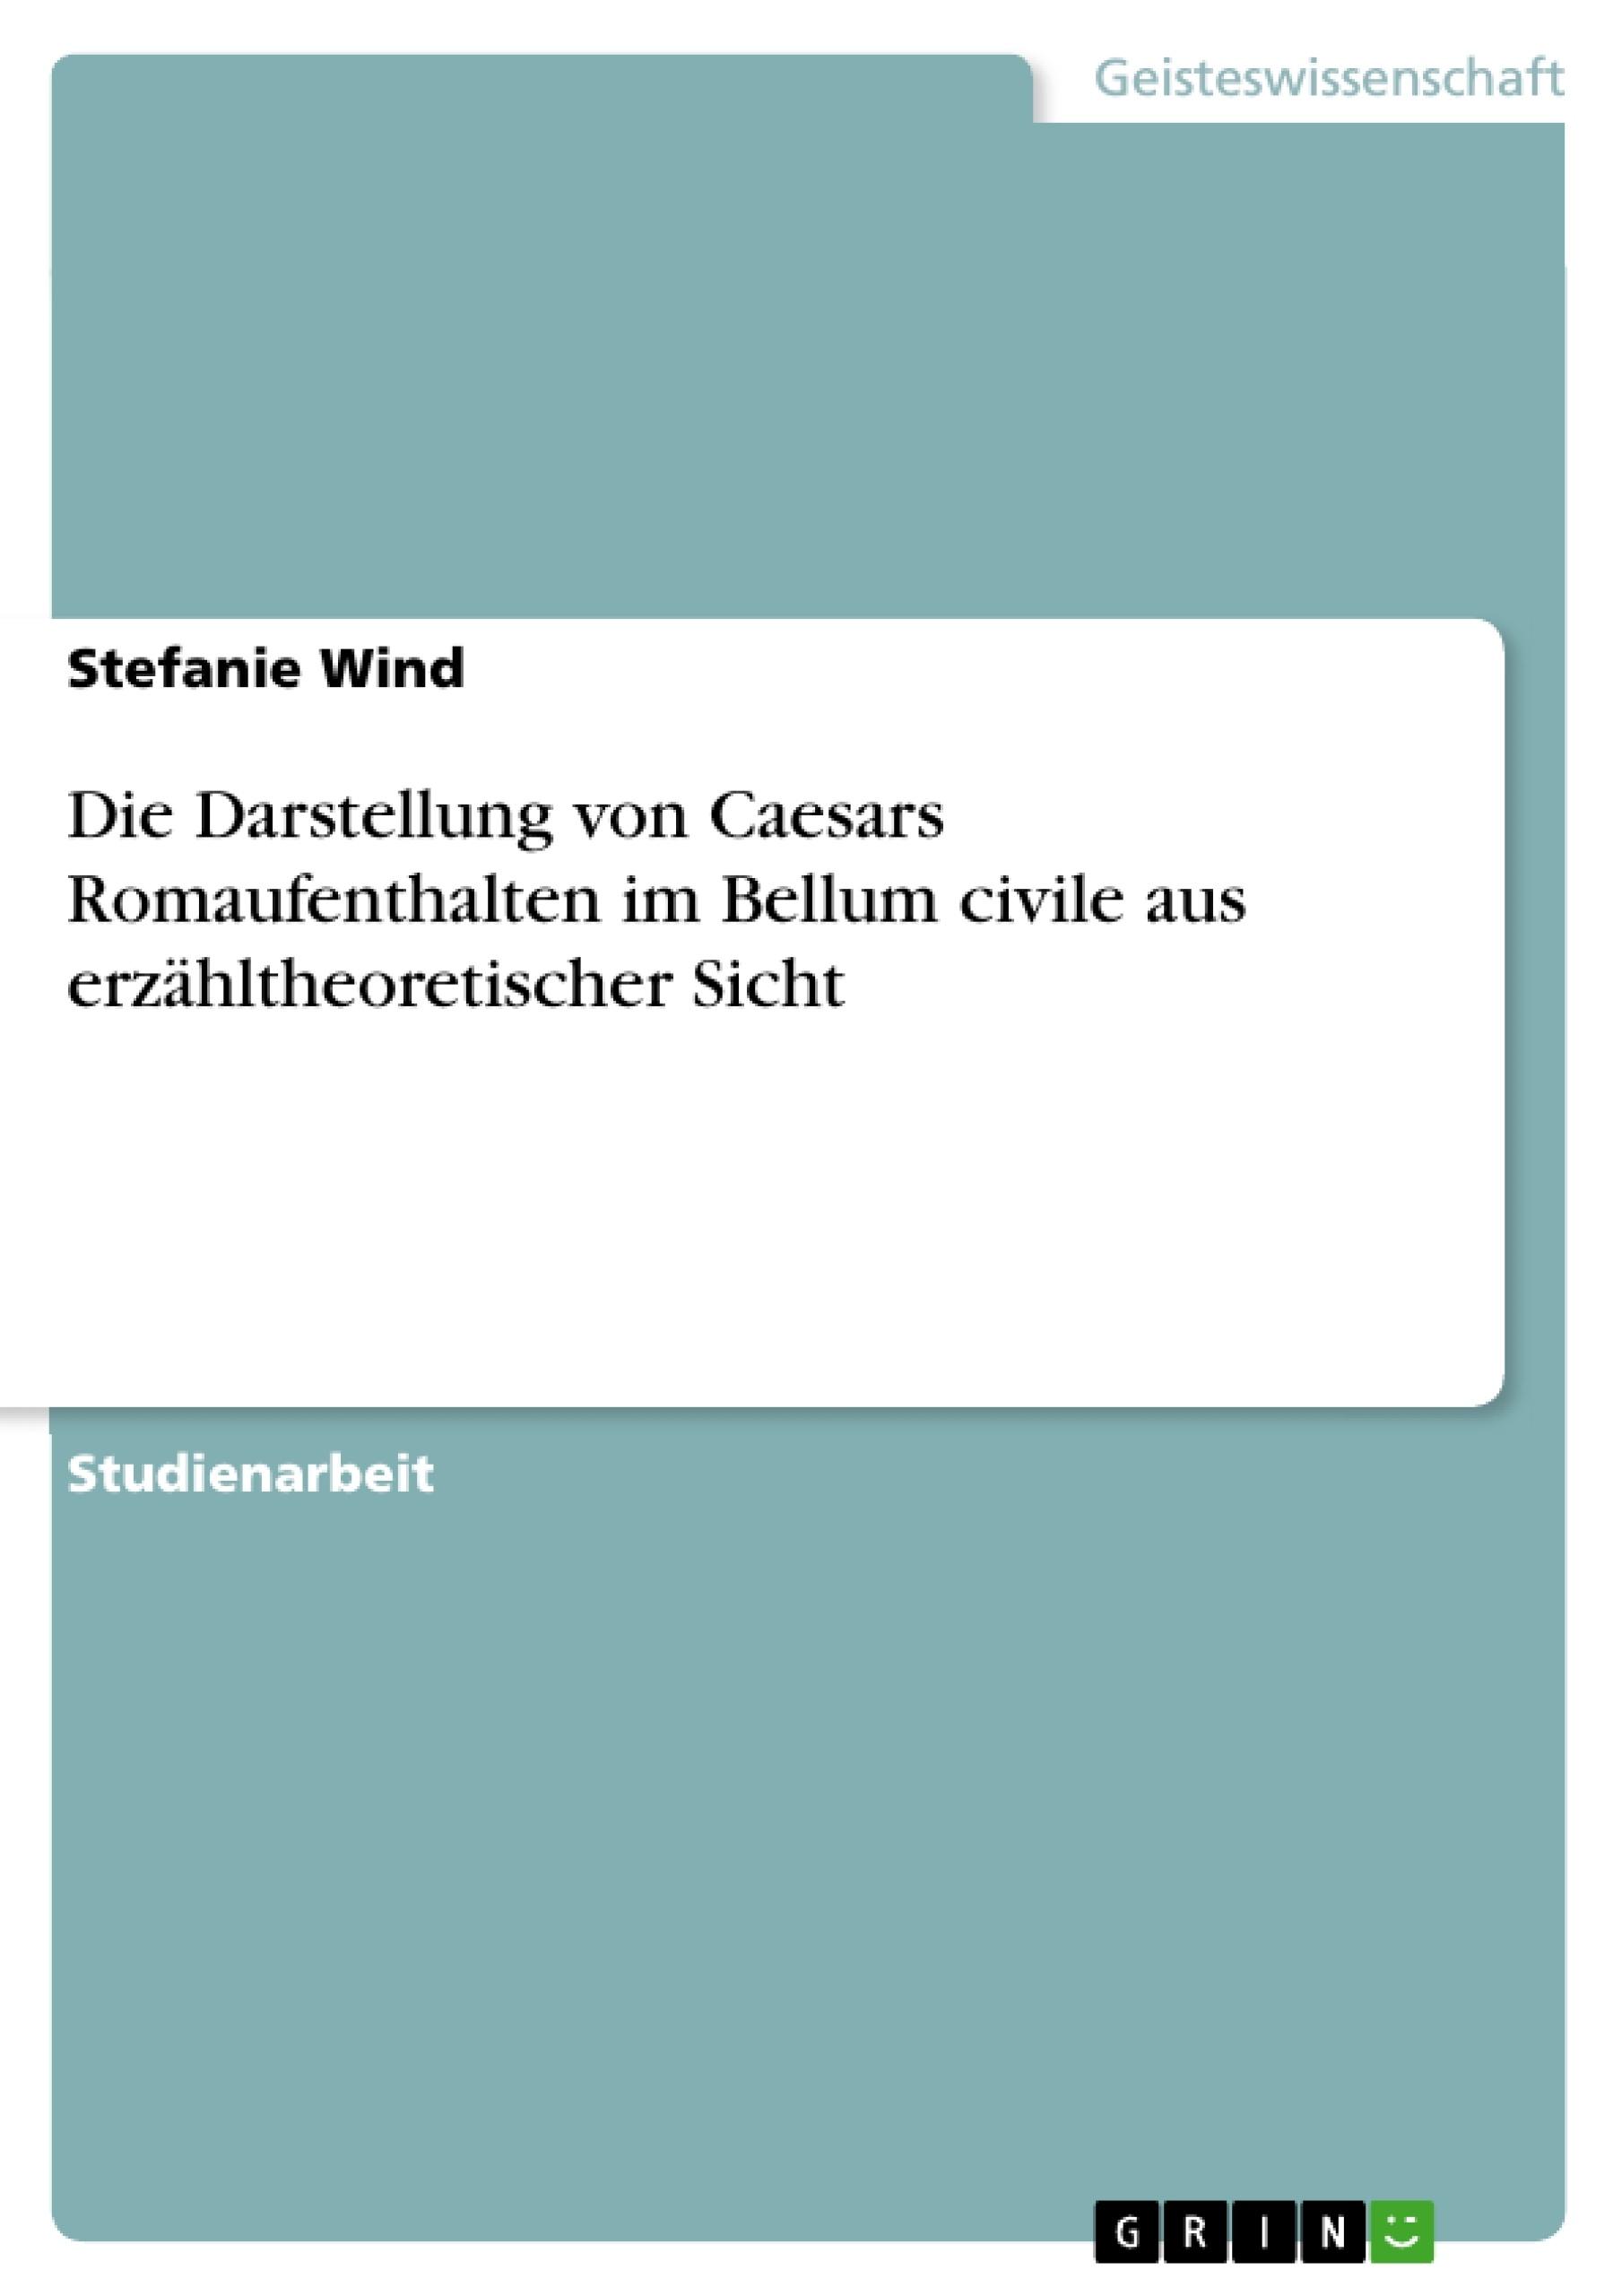 Titel: Die Darstellung von Caesars Romaufenthalten im Bellum civile aus erzähltheoretischer Sicht